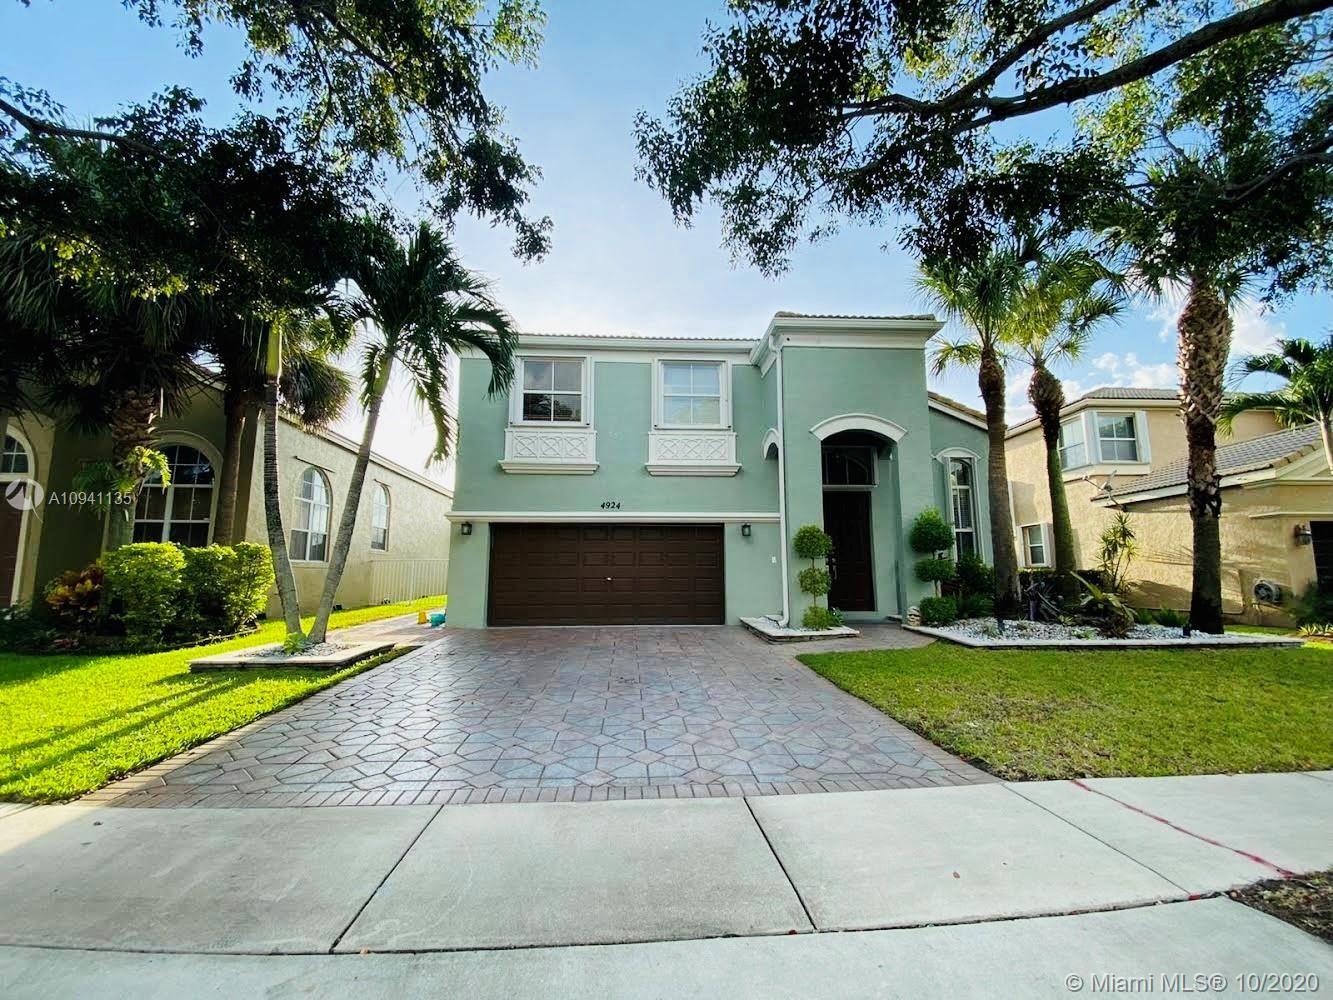 4924 SW 164th Ave, Miramar, FL 33027 - #: A10941135